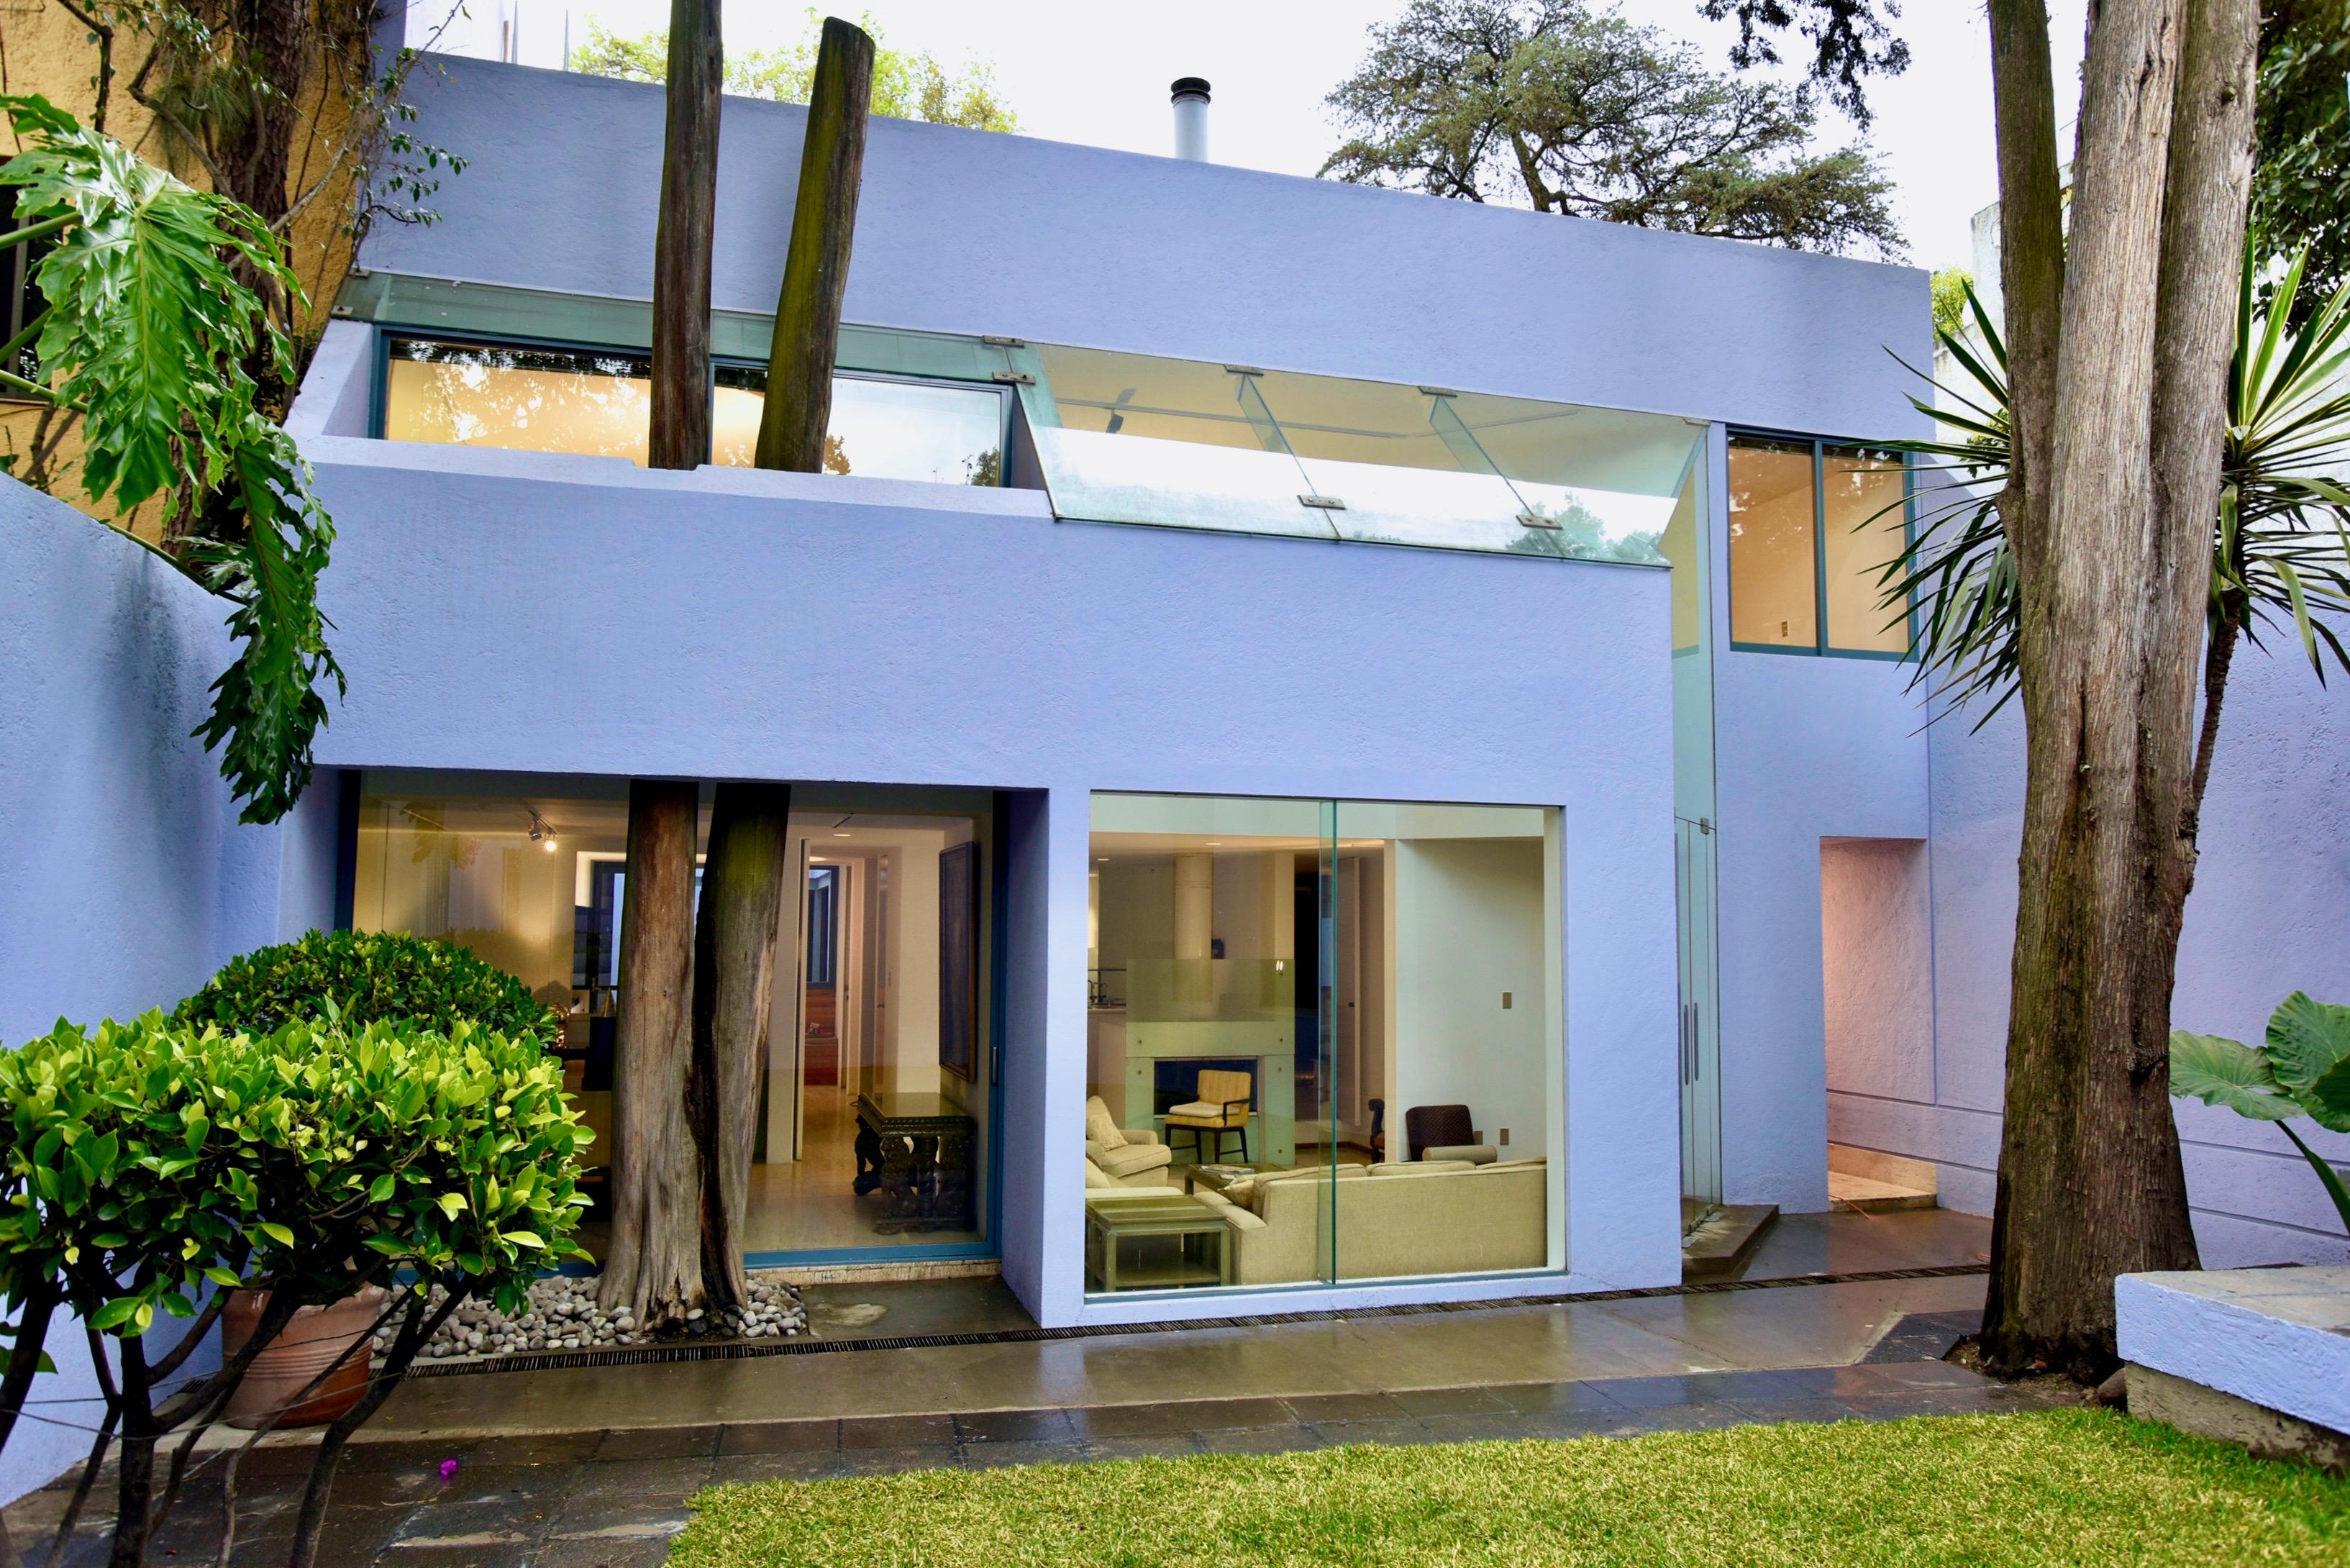 Casa Lila Home Architecture Mexico City.